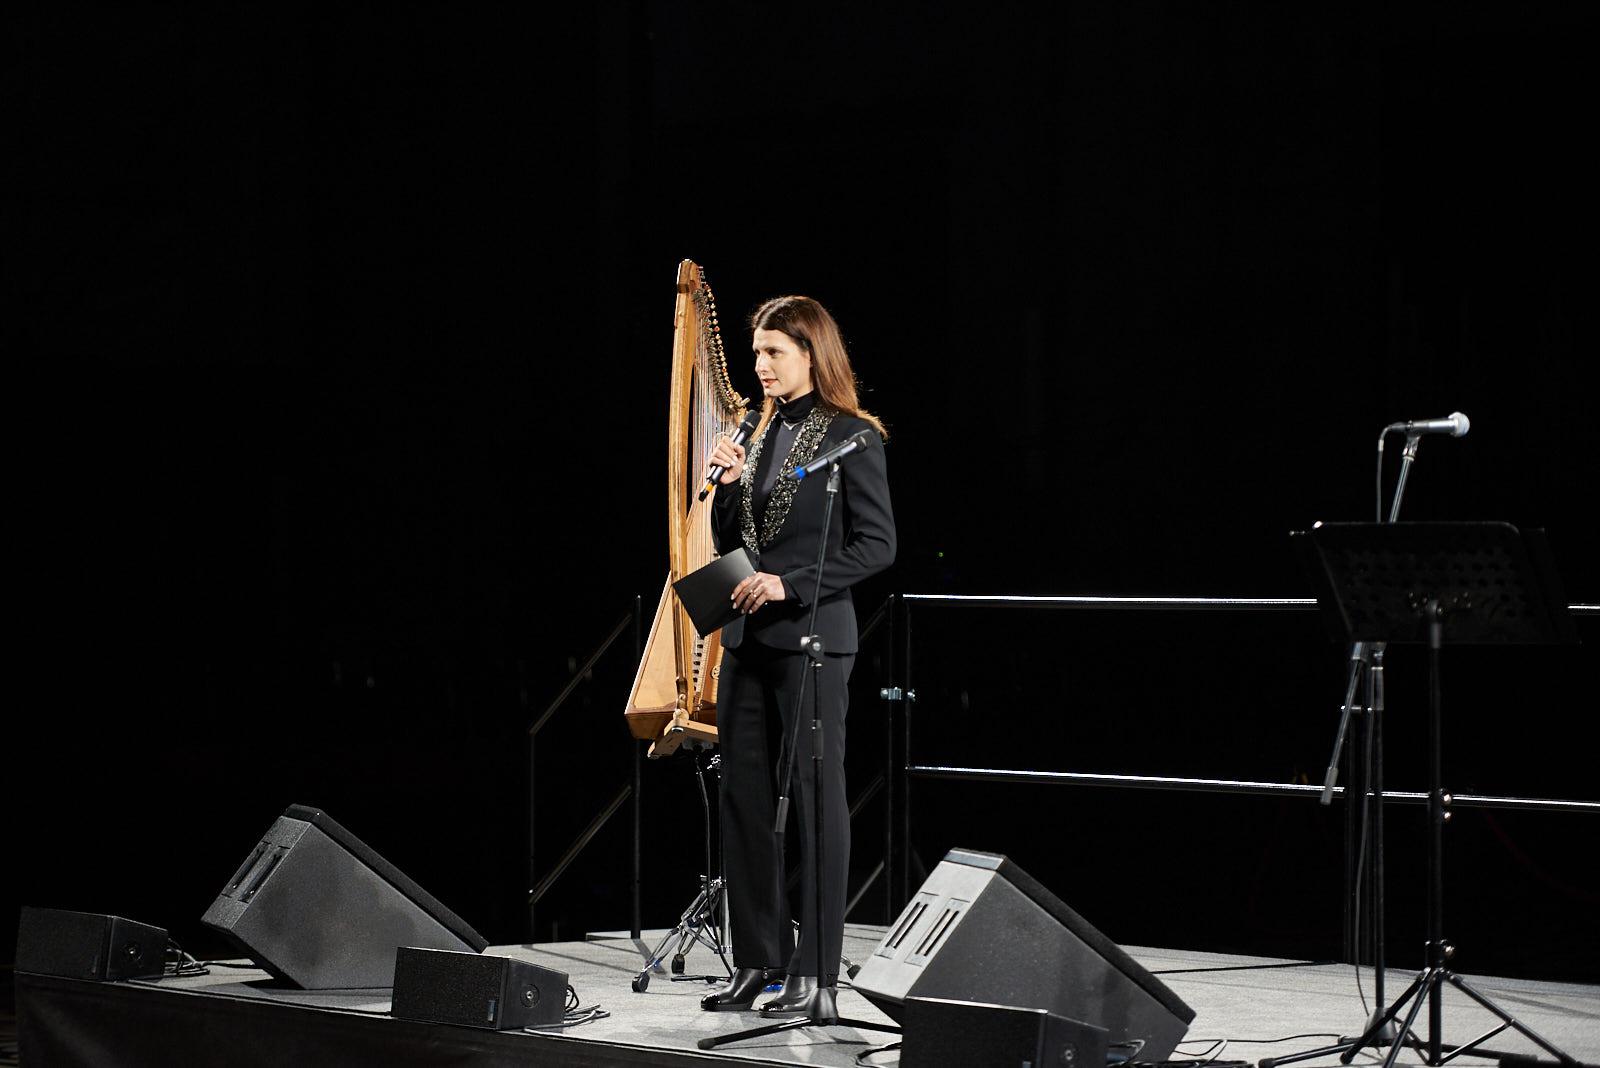 Alice Farella Monti presents the pieces